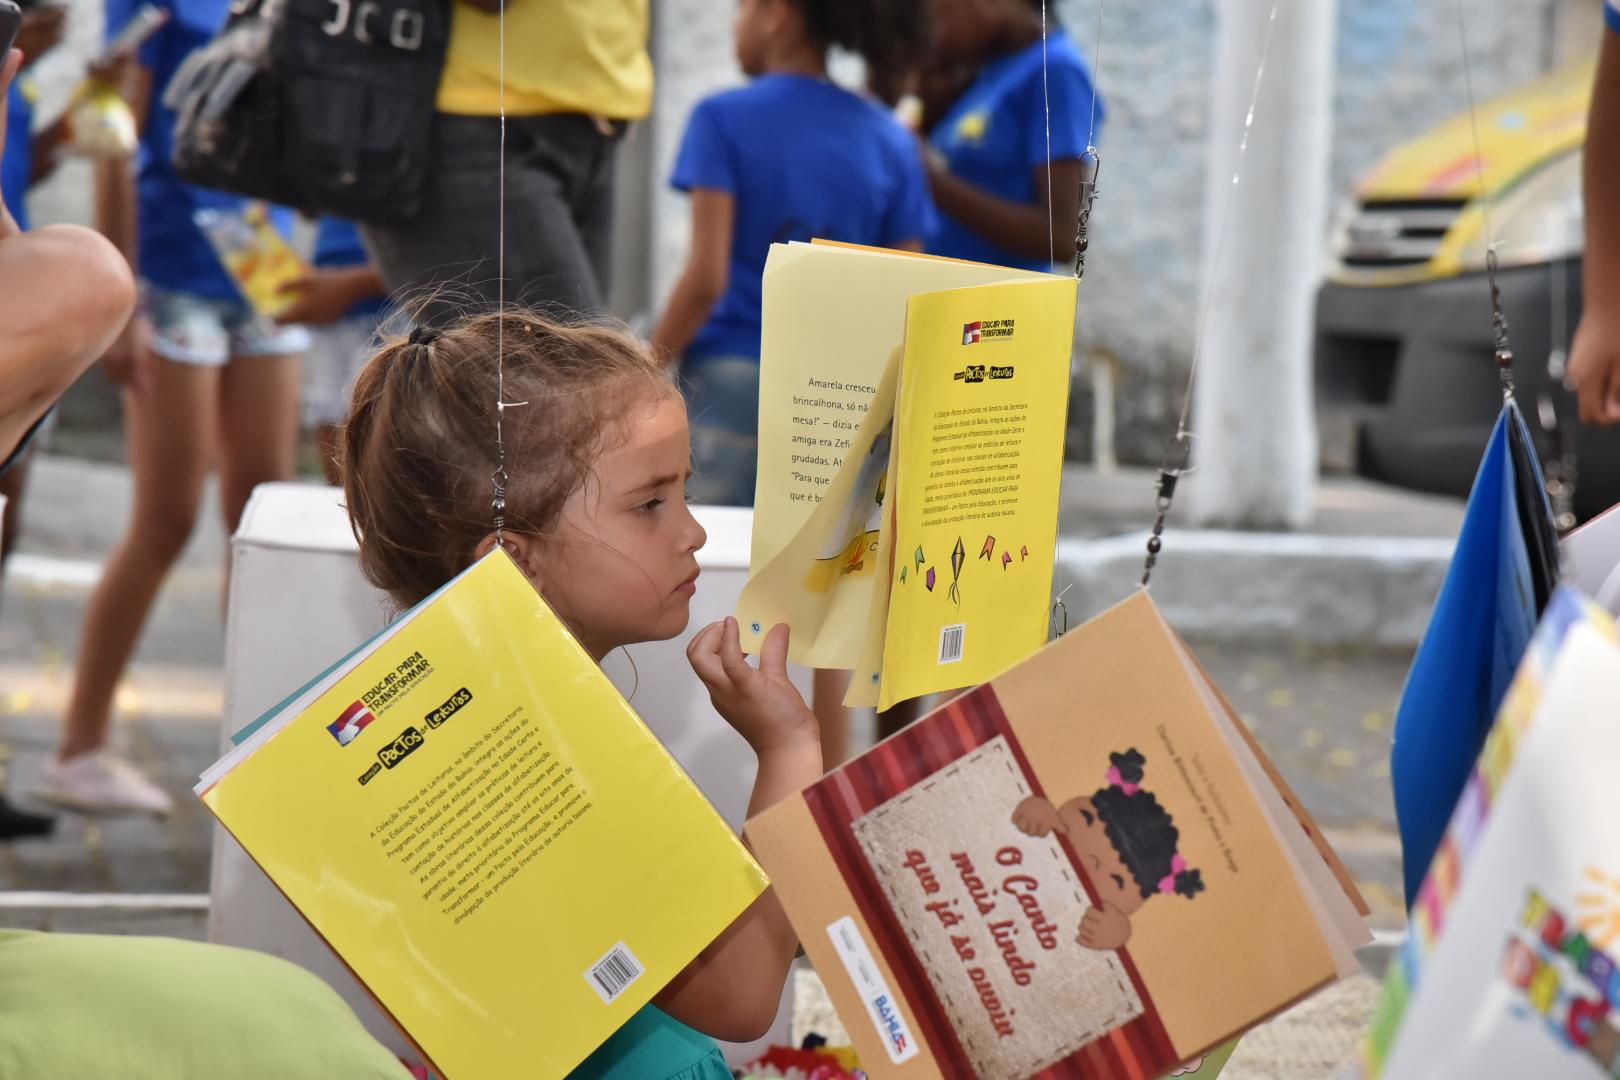 Educação - livros - leitura crianças alfabetização literatura infância